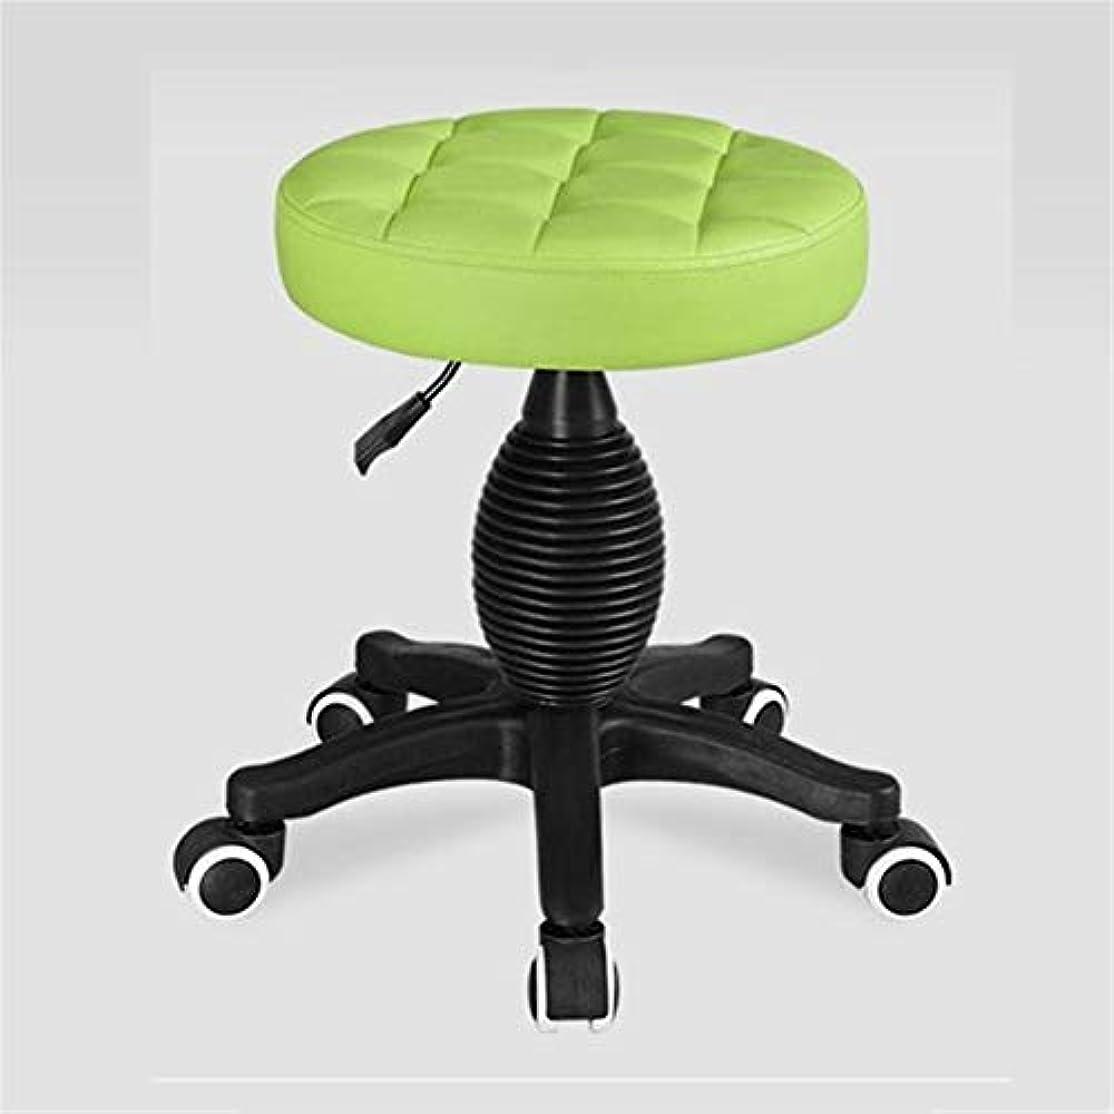 推進沿ってアトラス大広間の椅子円形PUの革油圧上昇の調節の回転理髪店の椅子の鉱泉の大広間の設定の椅子5つの車輪の事務作業の椅子,Green,B